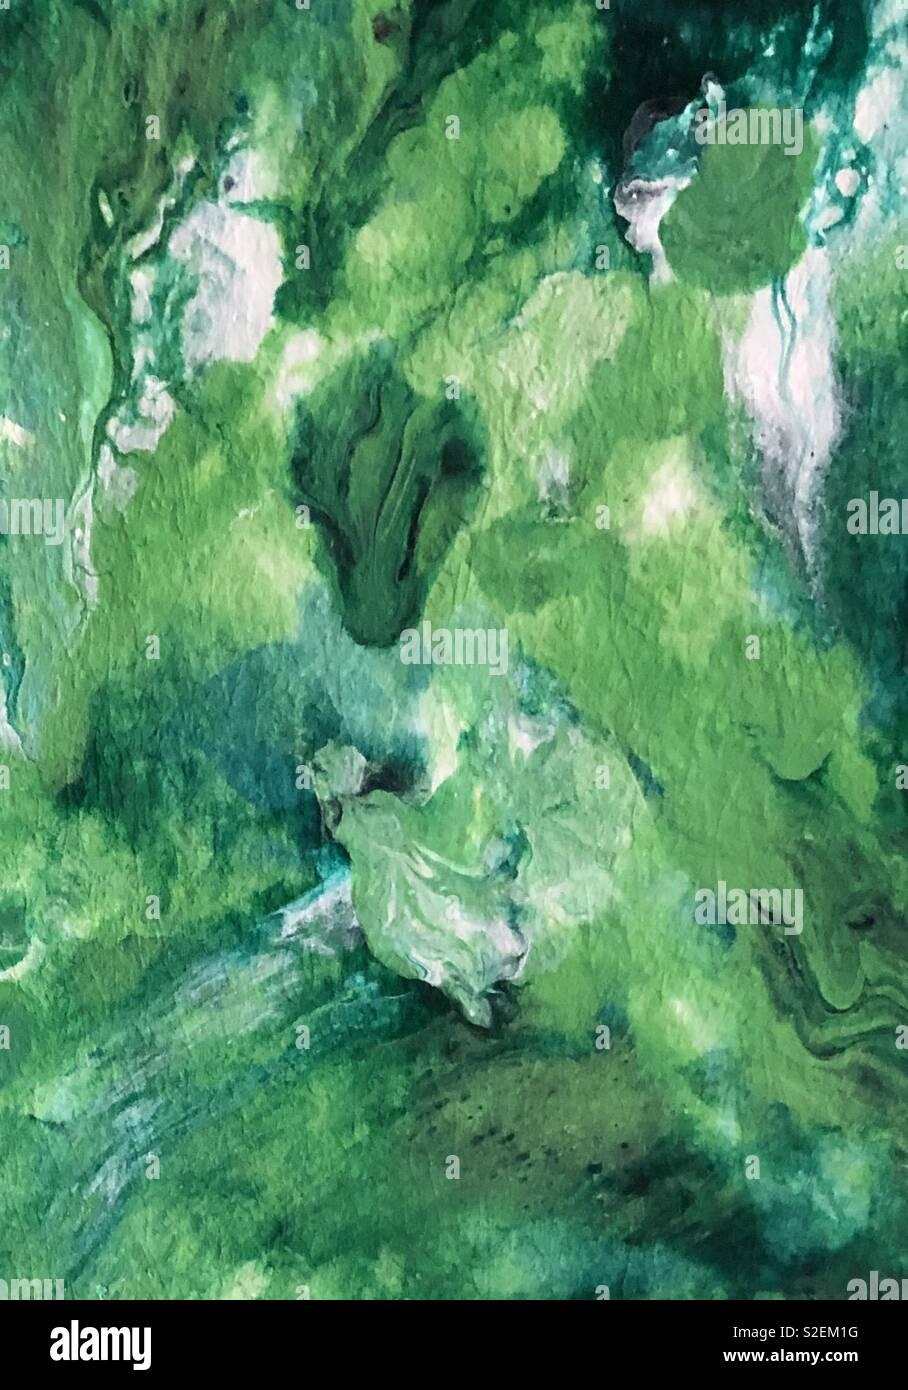 Verts vifs la peinture abstraite de l'espace de copie et fonds Banque D'Images